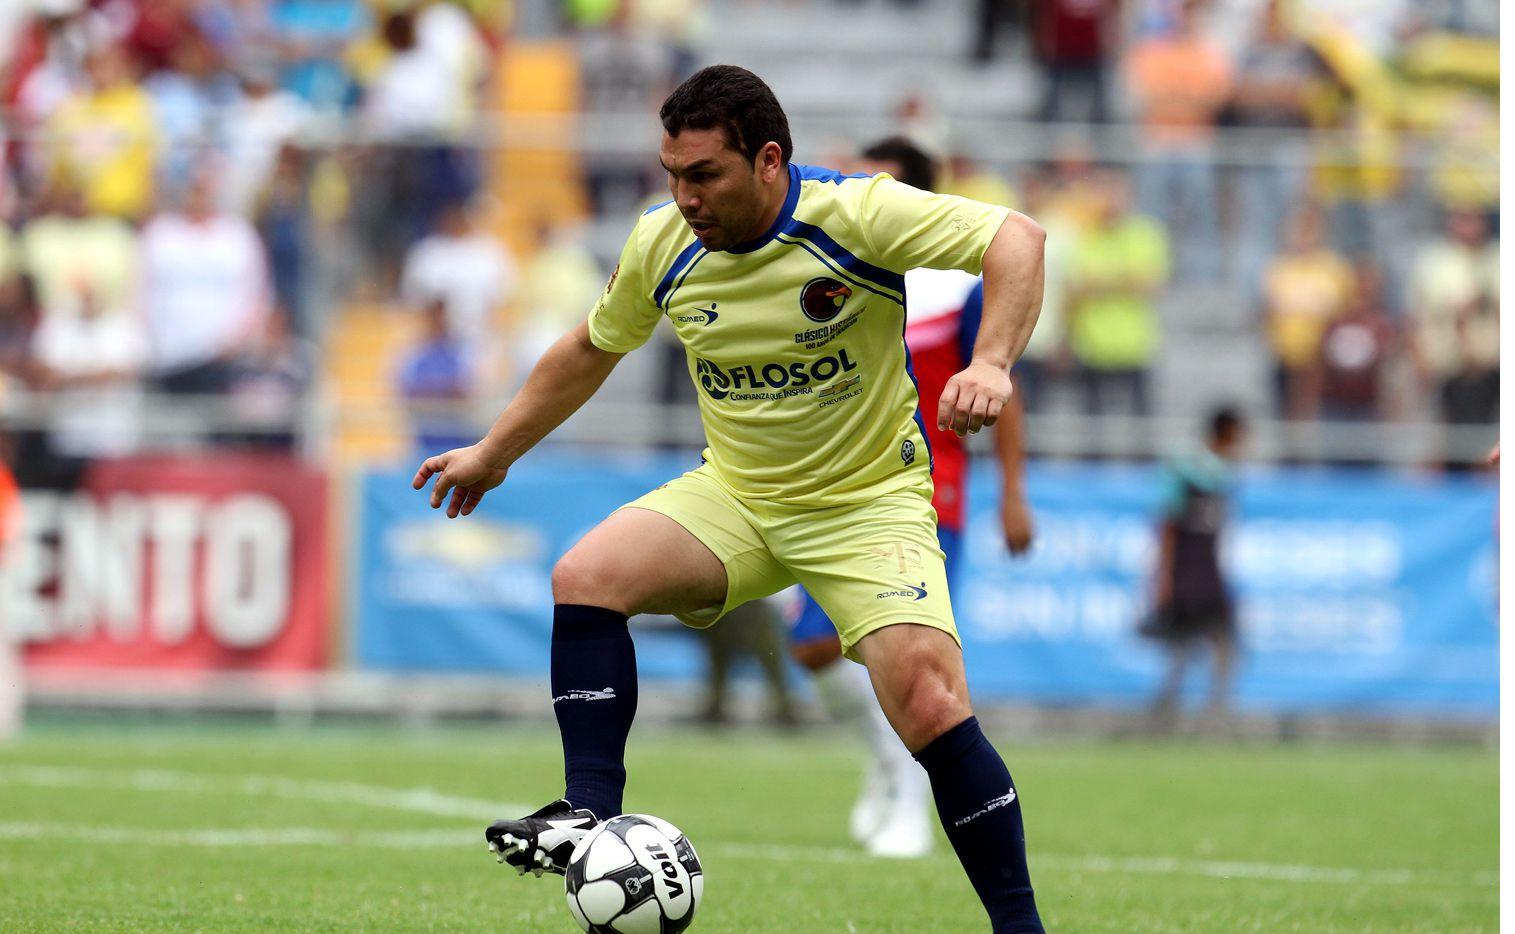 El 25 de enero de 2010, el ex delantero del Club América Salvador Cabañas (foto) recibió un balazo en la cabeza en el baño del Bar Bar, el cual puso su vida en riesgo y le acabó la carrera como futbolista profesional./ AGENCIA REFORMA